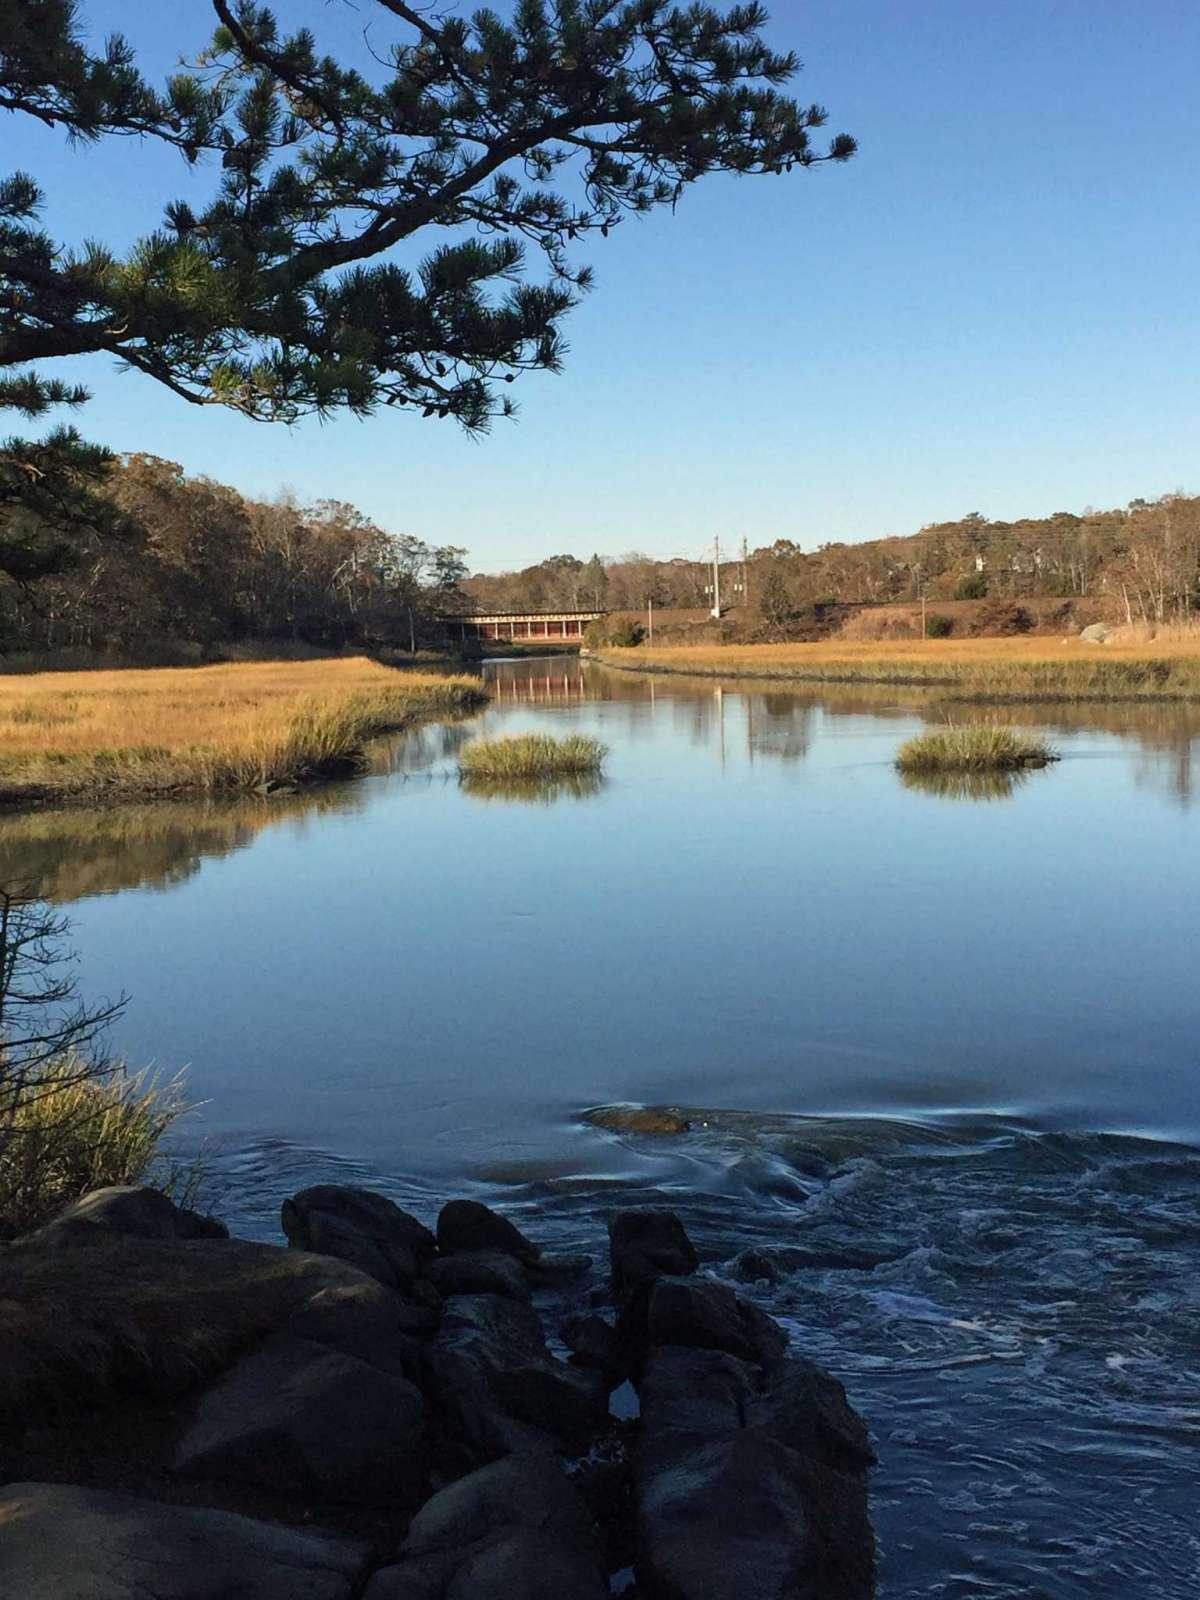 Ils ont trouvé l'une de leurs randonnées préférées près de chez eux, à Washburn Preserve à Stony Creek.